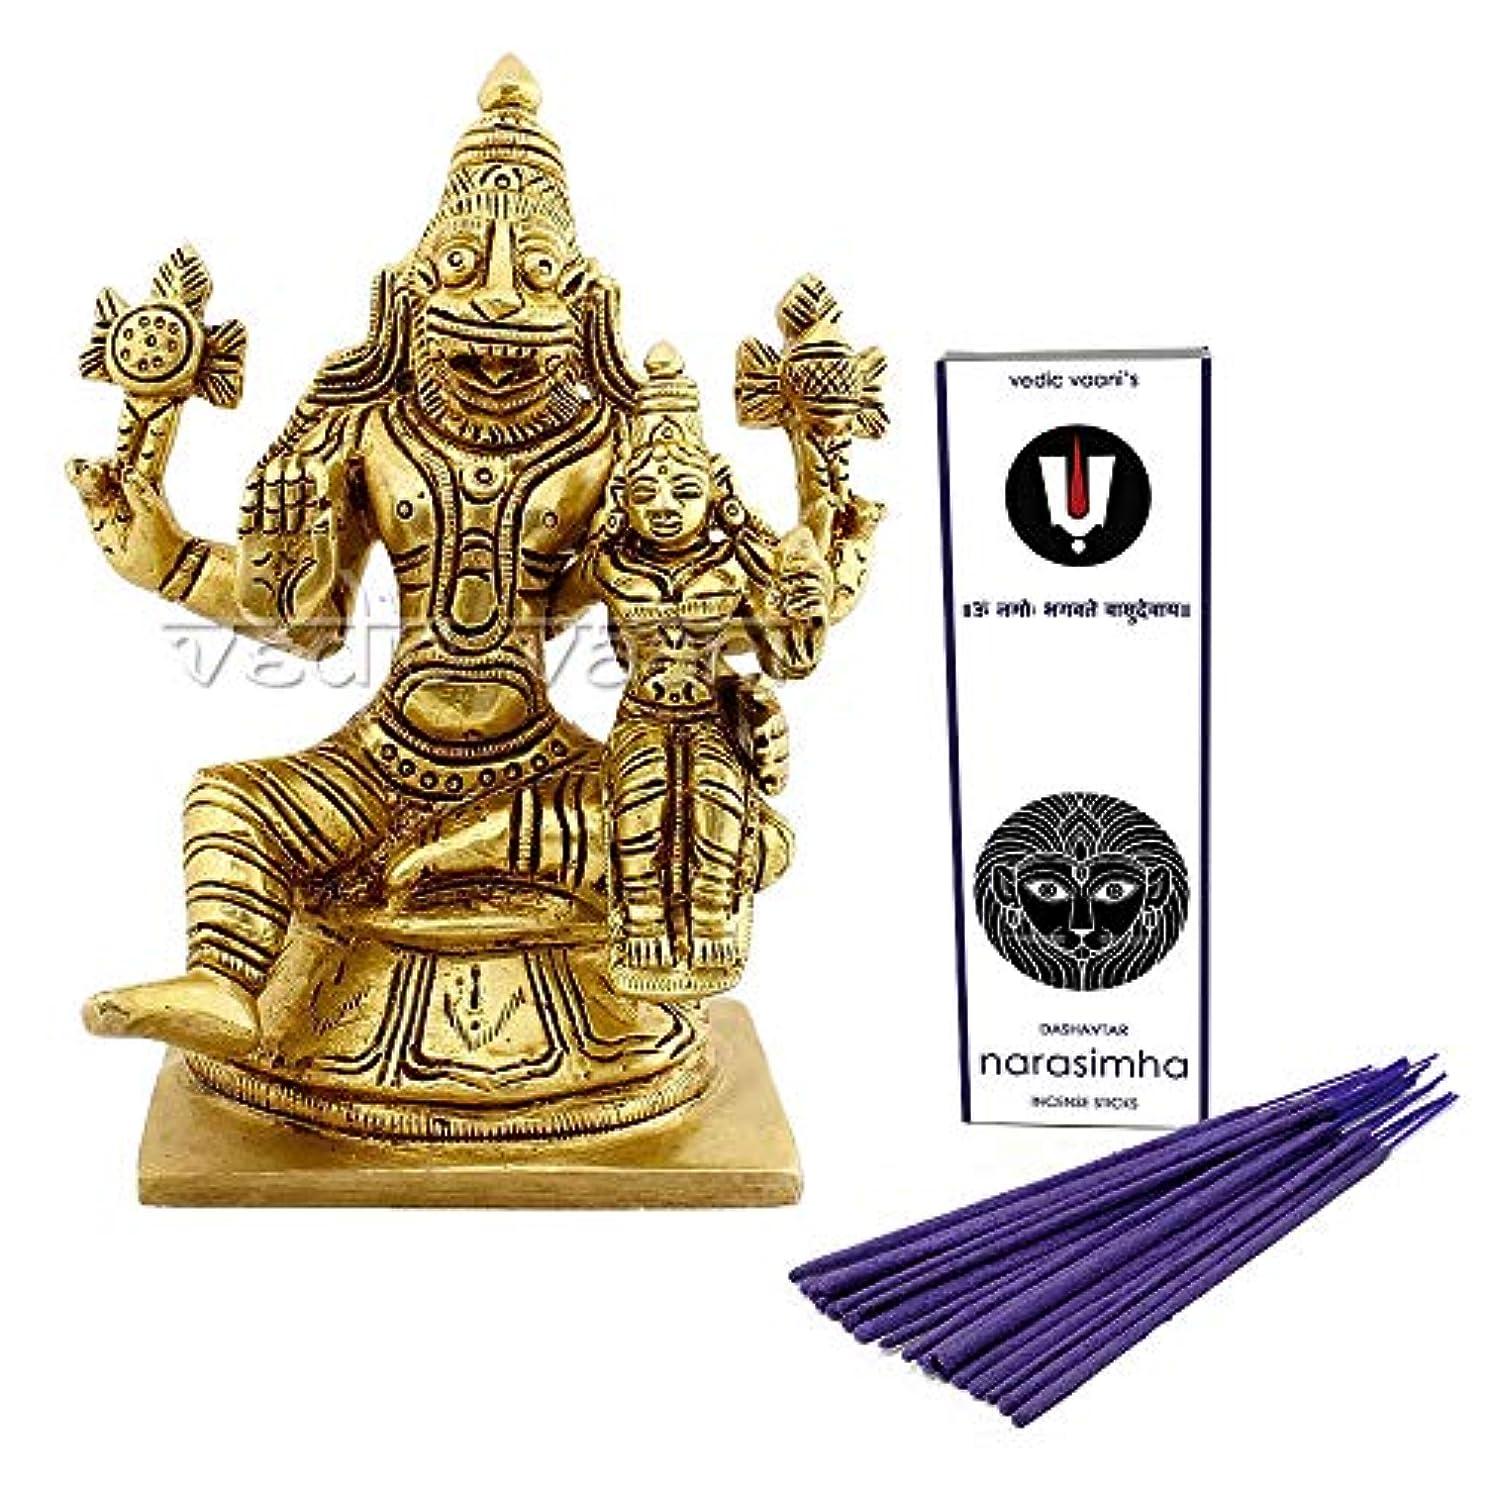 シャッターグリップ激怒ヴェディック Vaani Sri Lakshmi Narasimha Swamy Murti Narasimha お香スティック